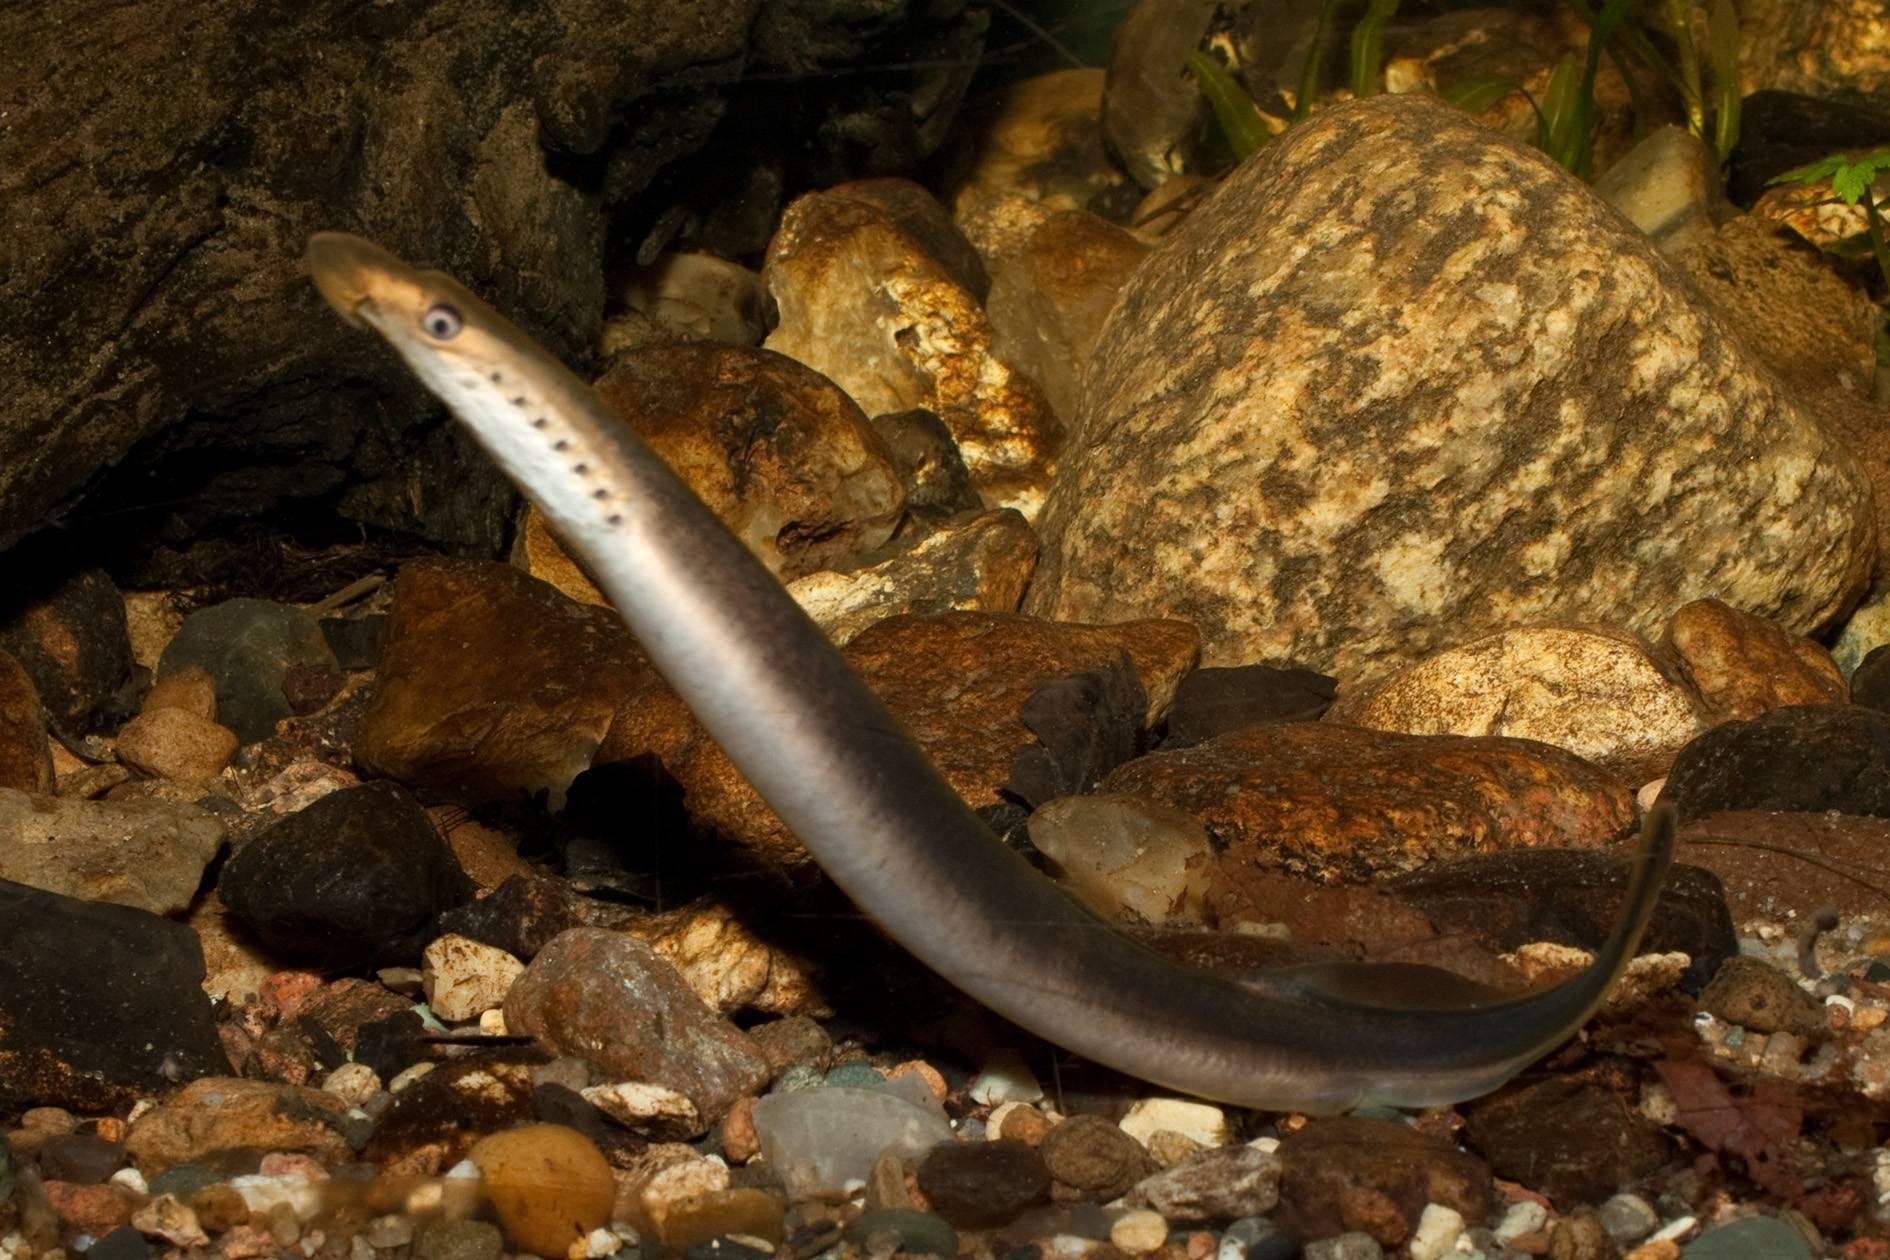 Промысловая рыба невская минога